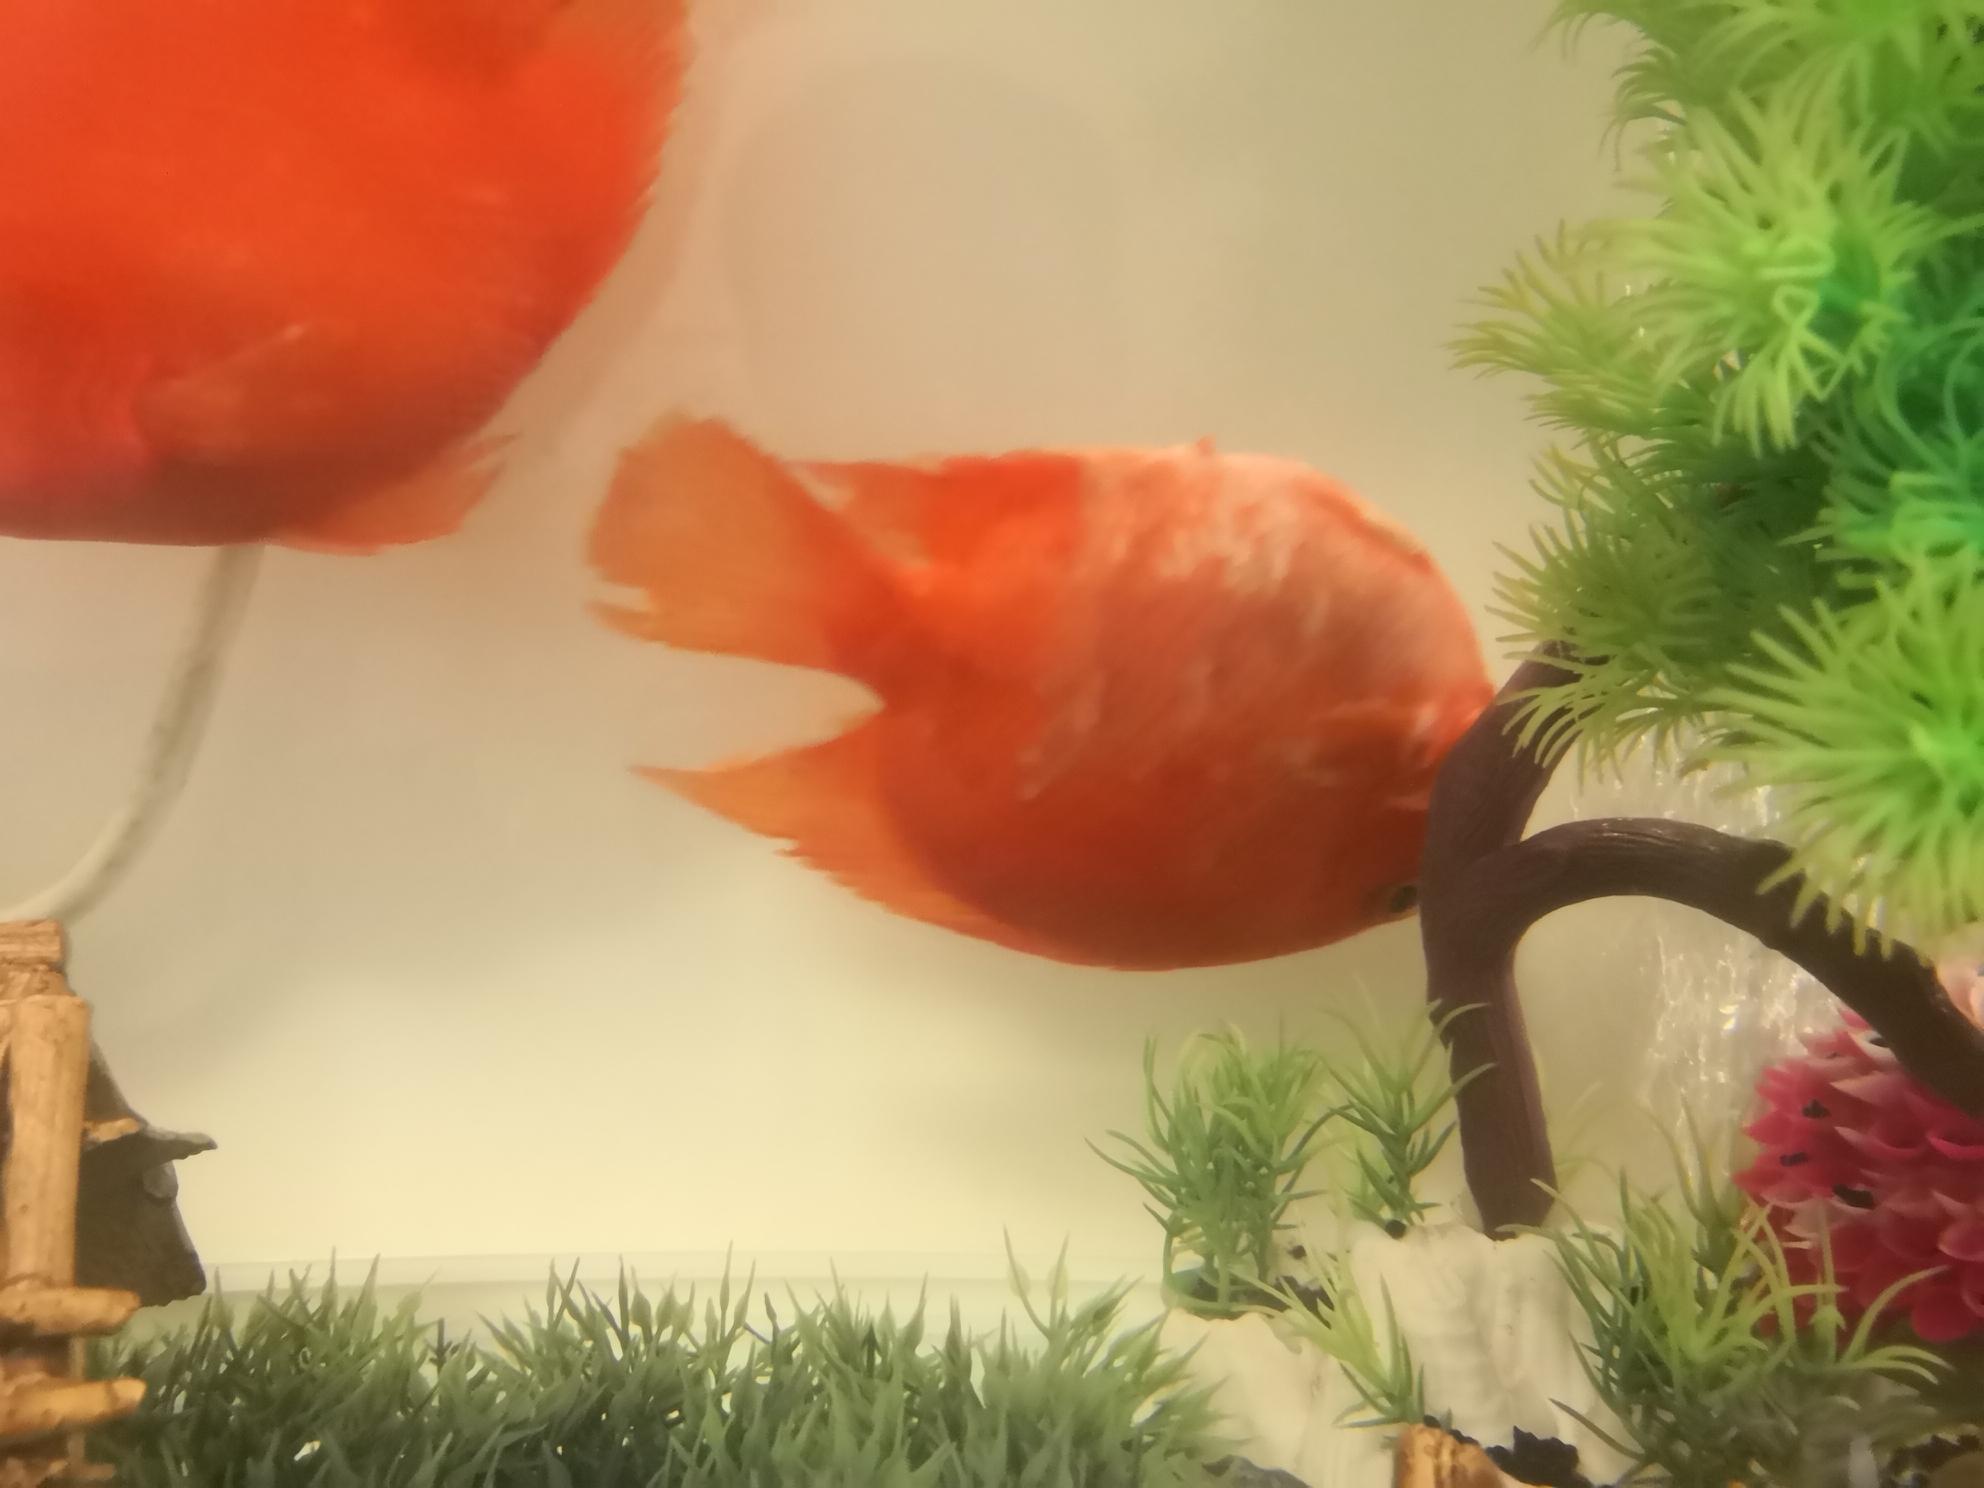 鹦鹉鱼翻白没法控制正立在水里飘着翻 西安龙鱼论坛 西安博特第1张